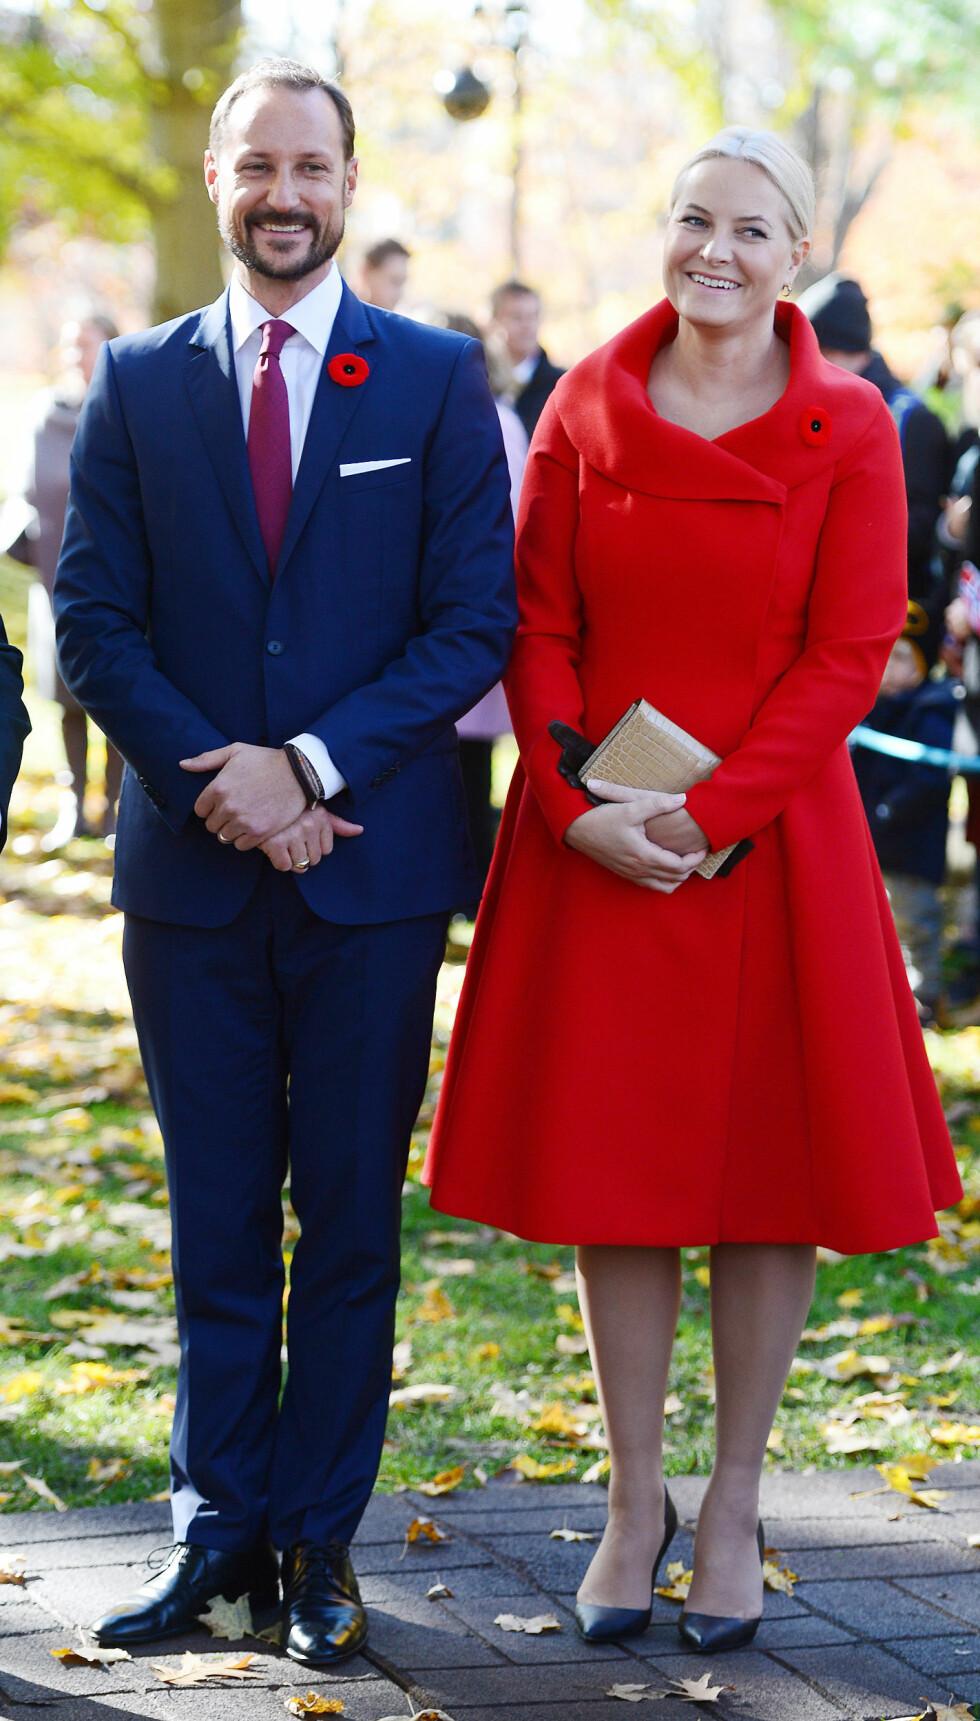 I RØDT, HVITT og BLÅTT: Krpnprinsesse Mette-Marit og ektemannen kronprins Haakon stilte i det norske flaggets farger da de deltok på et arrangement i Ottawa i Canada i november. Foto: NTB Scanpix